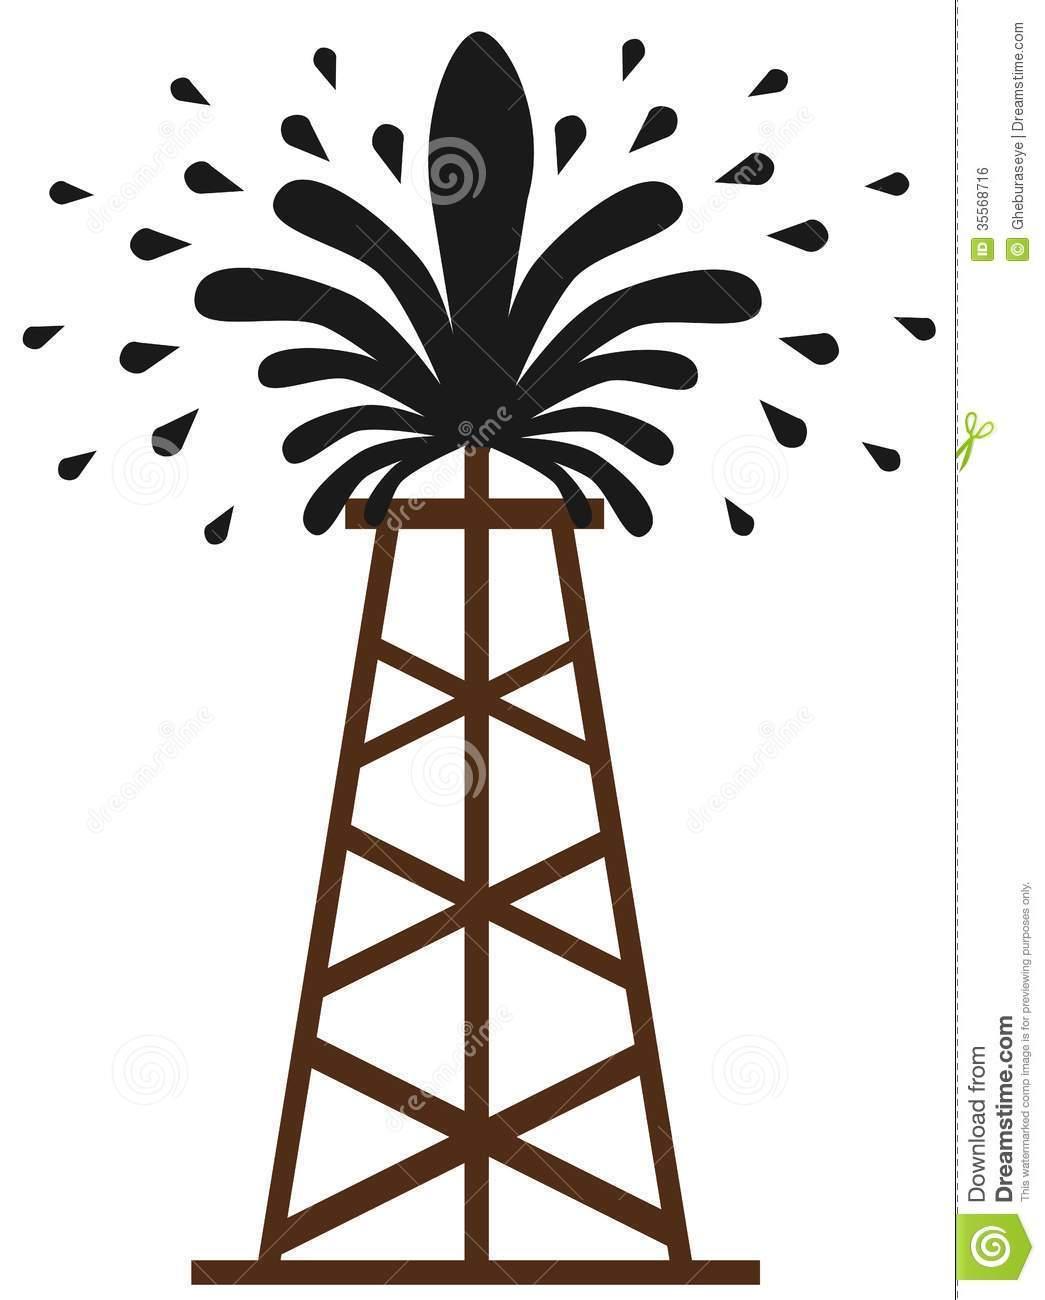 Oil gusher clipart vector free stock Oil gusher clipart » Clipart Portal vector free stock